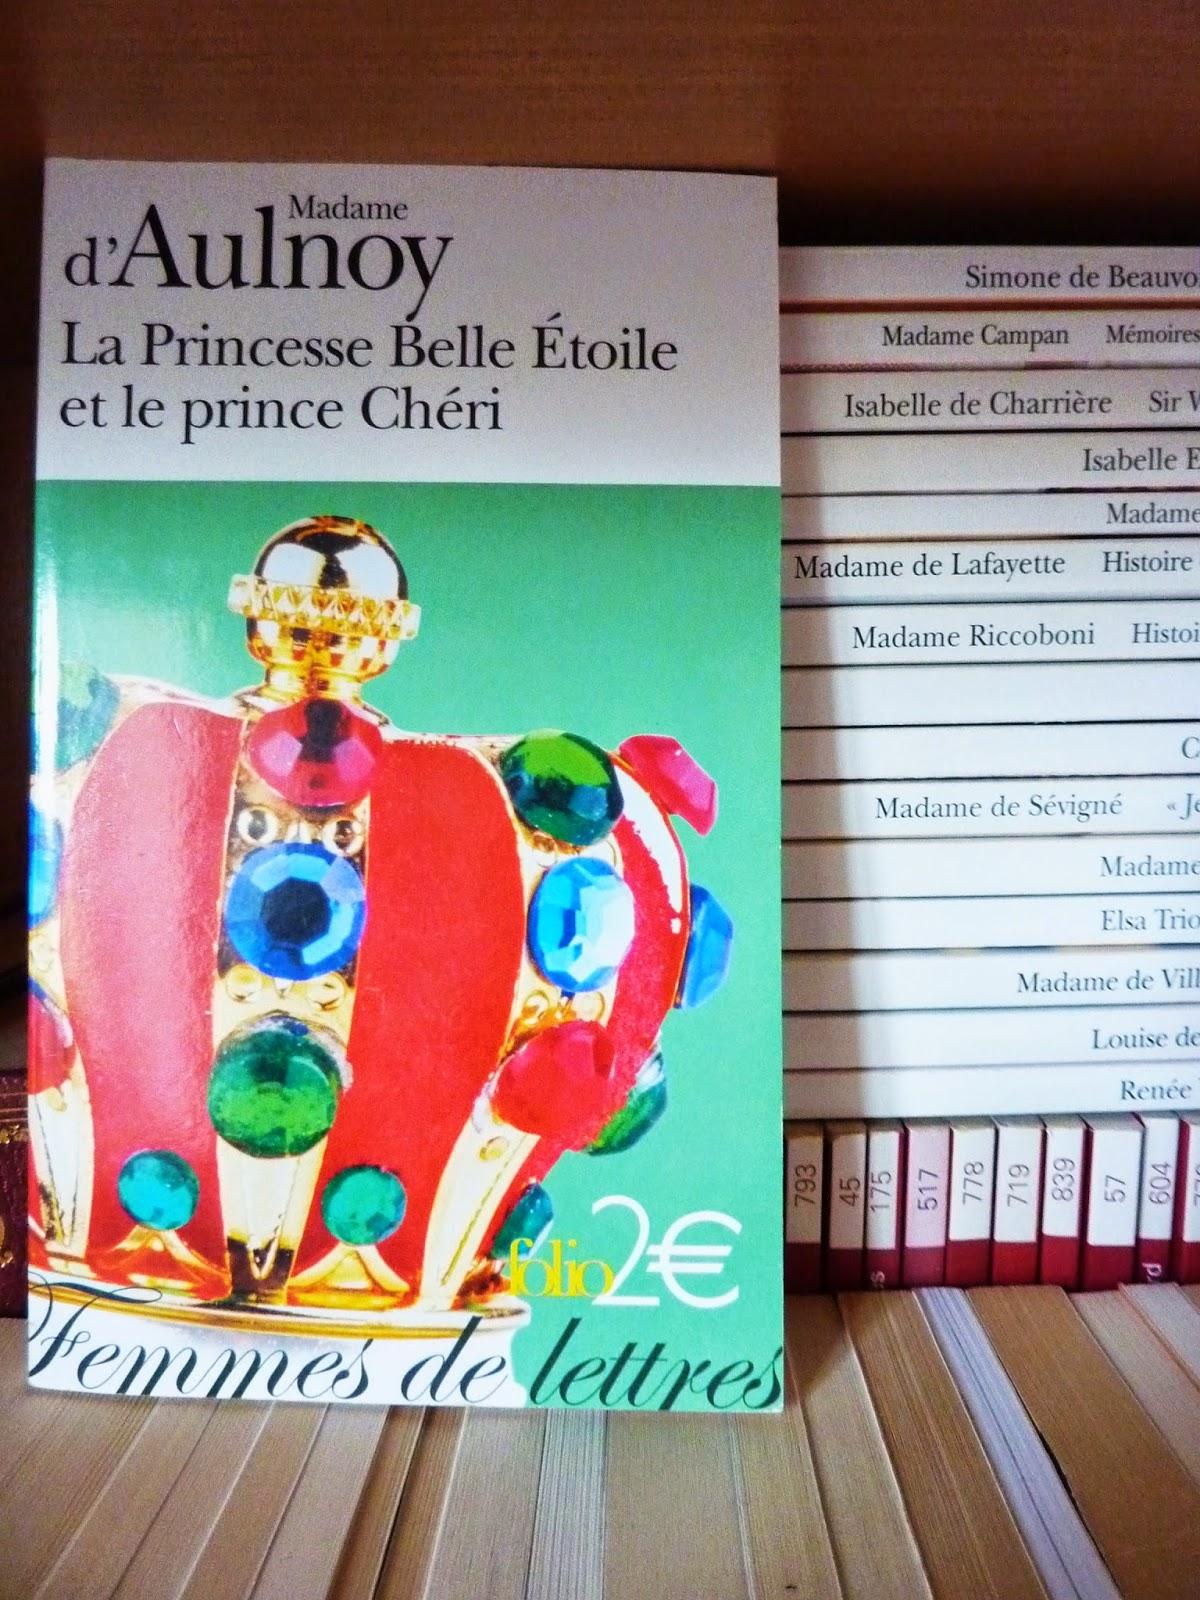 La princesse Belle Etoile et le prince Chéri - Madame d'Aulnoy